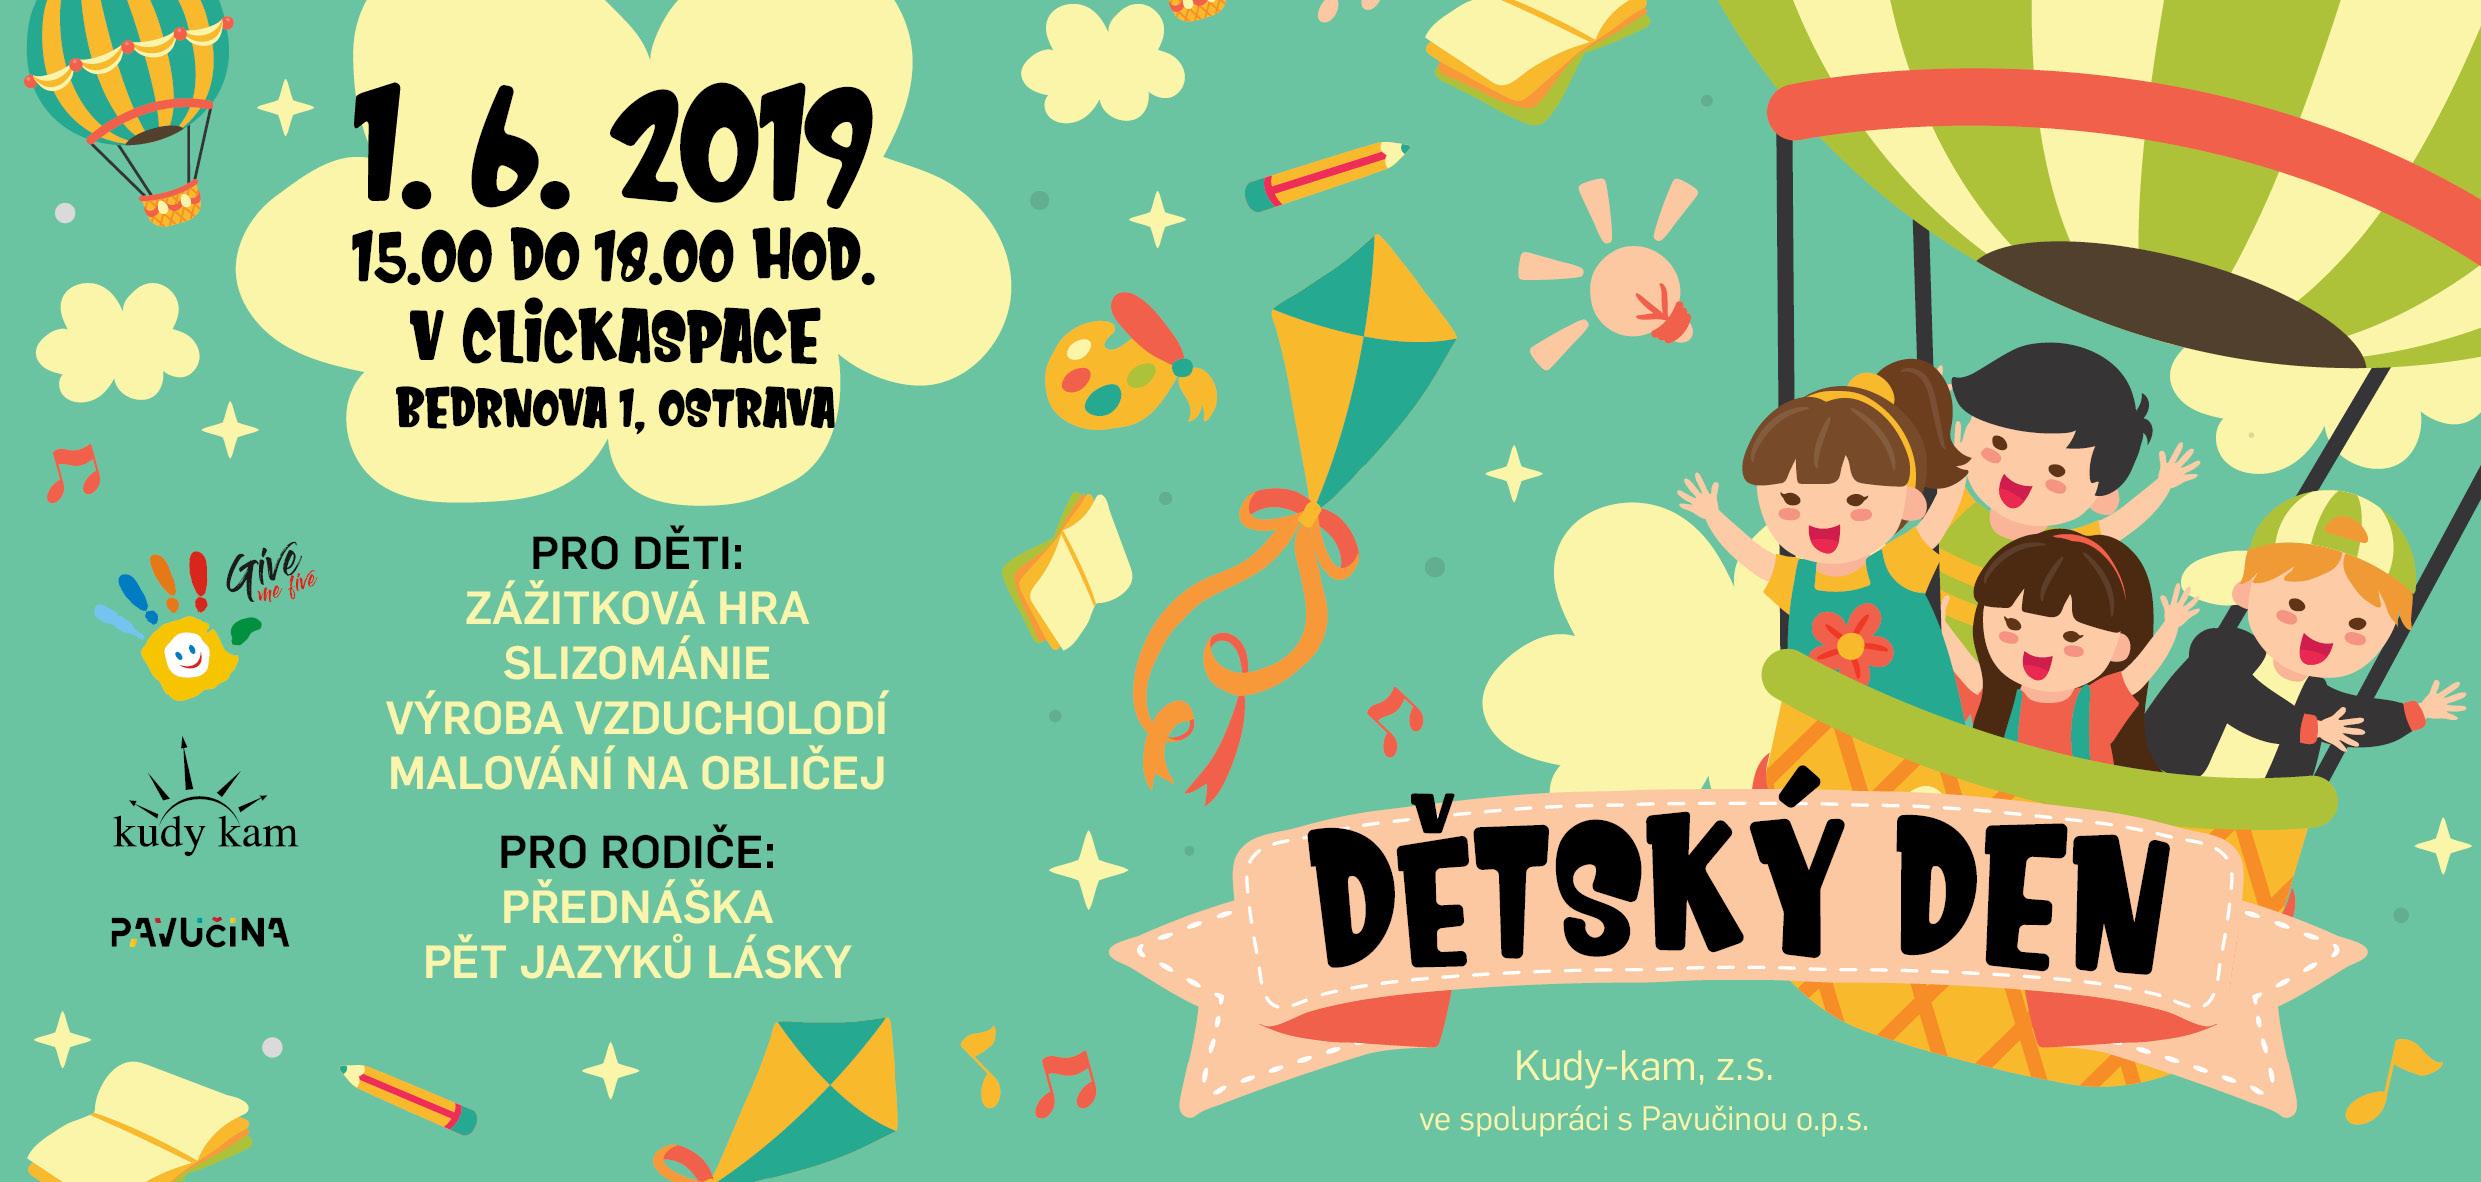 kk_detsky_den_2019_dl.jpg